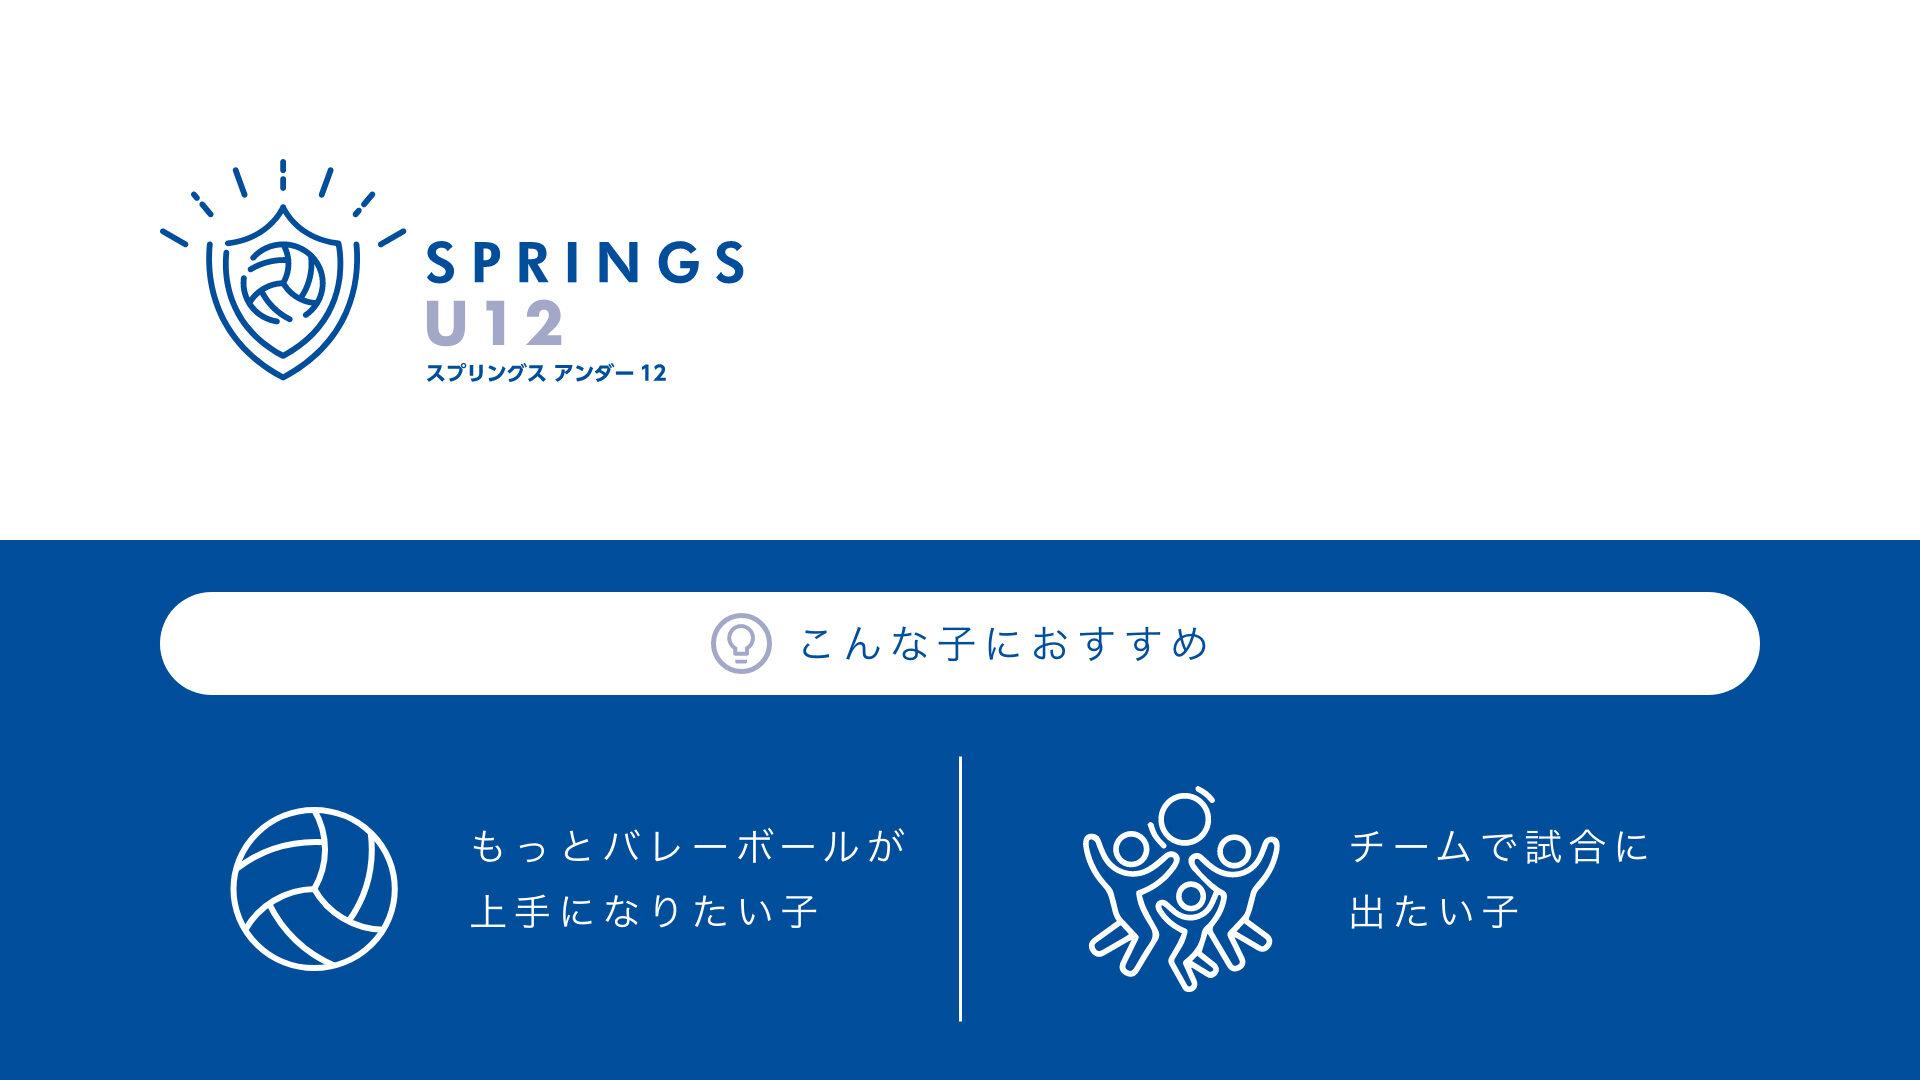 神戸スプリングス U12